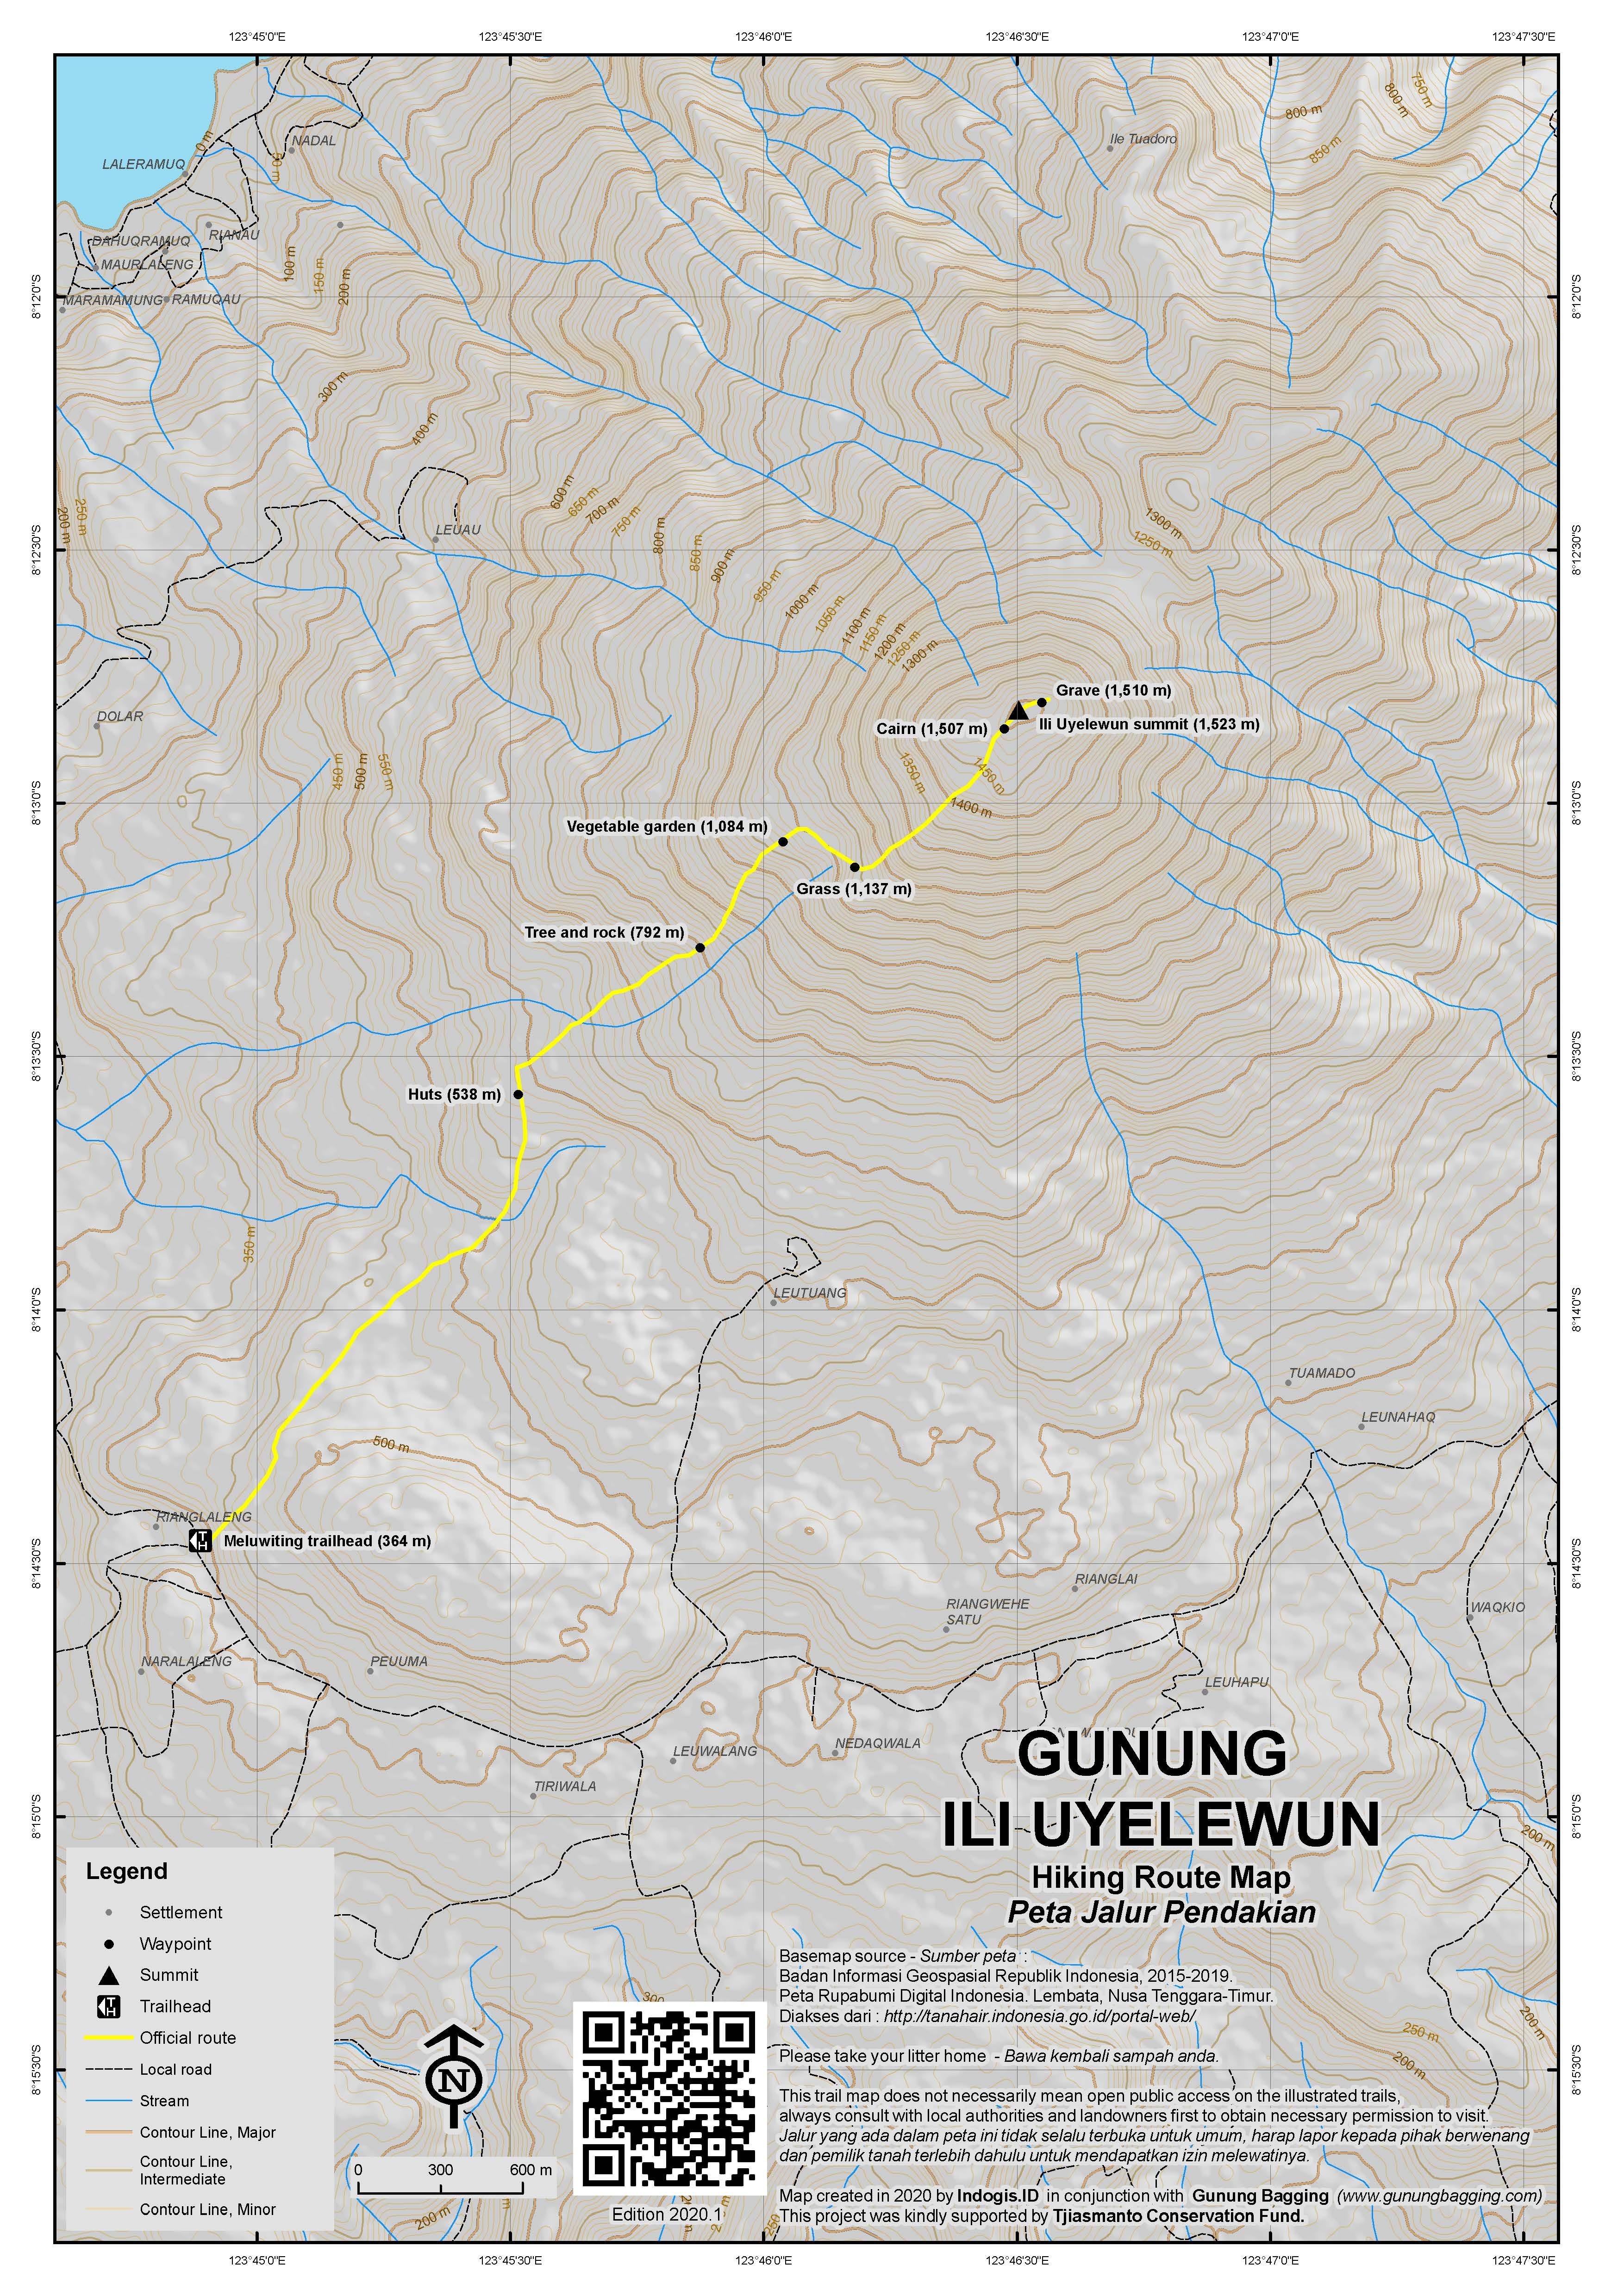 Peta Jalur Pendakian Ili Uyelewun